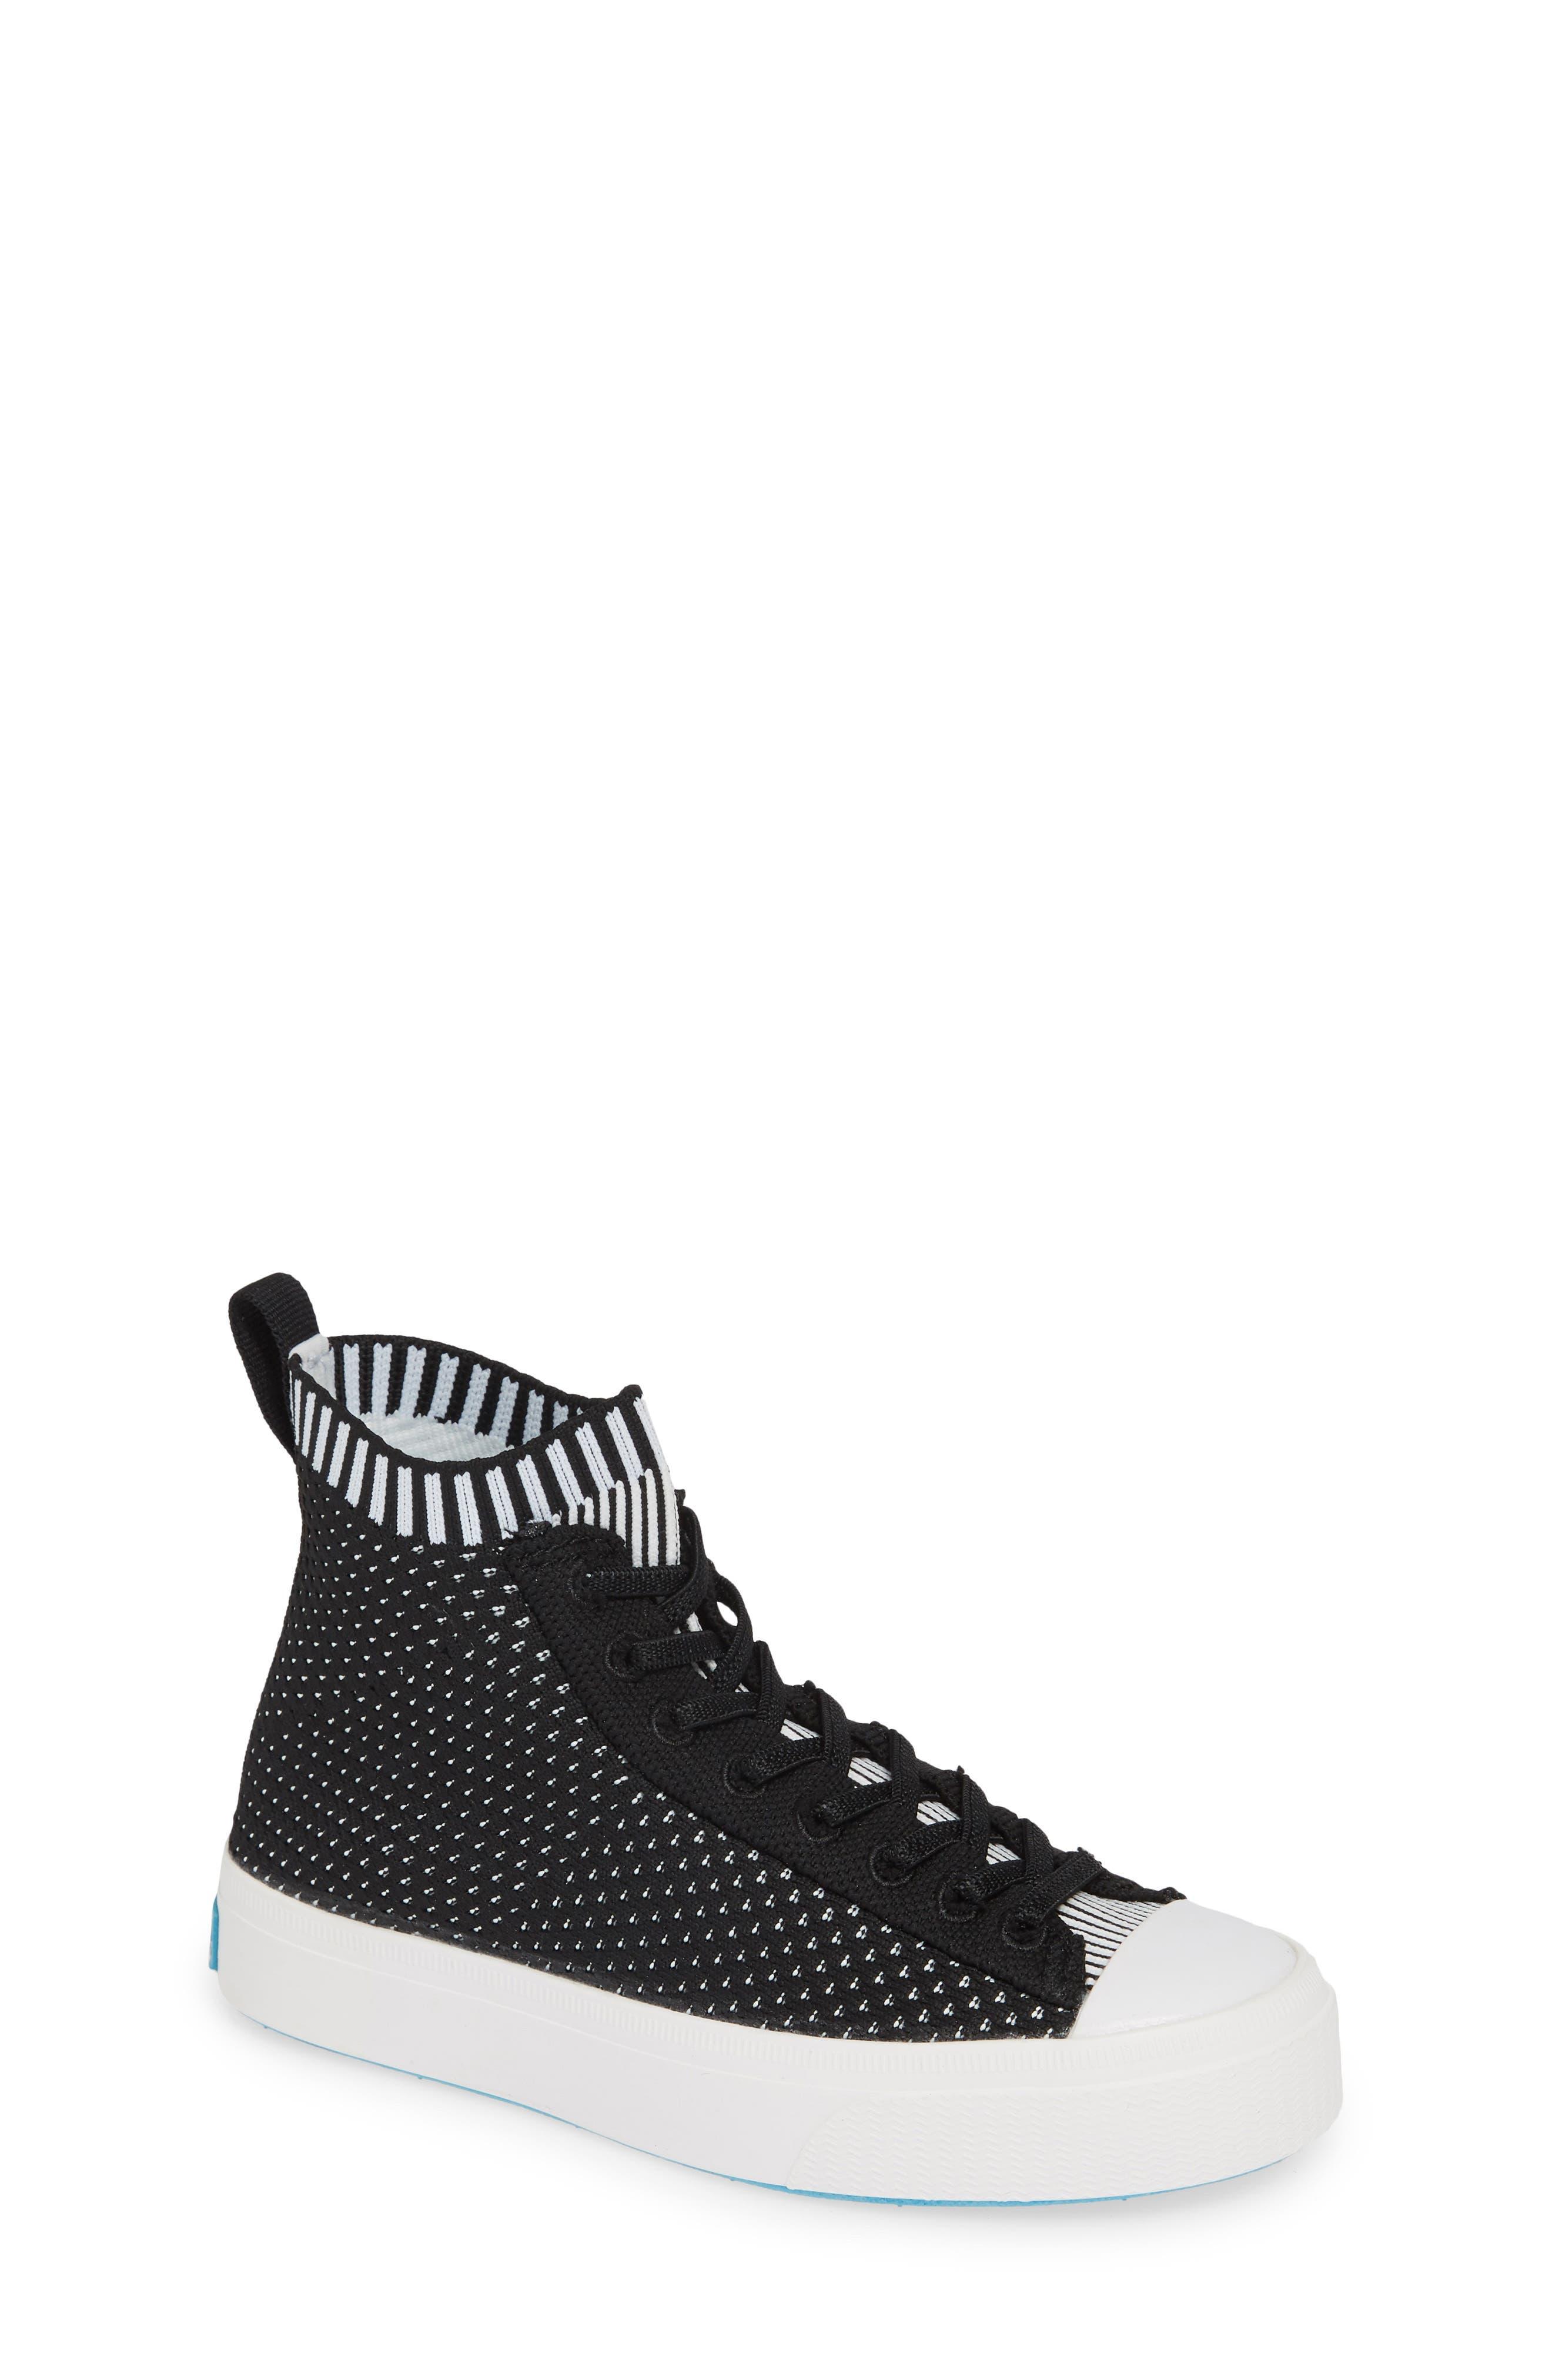 Native Shoes Jefferson 2.0 Liteknit Vegan High Top Sneaker